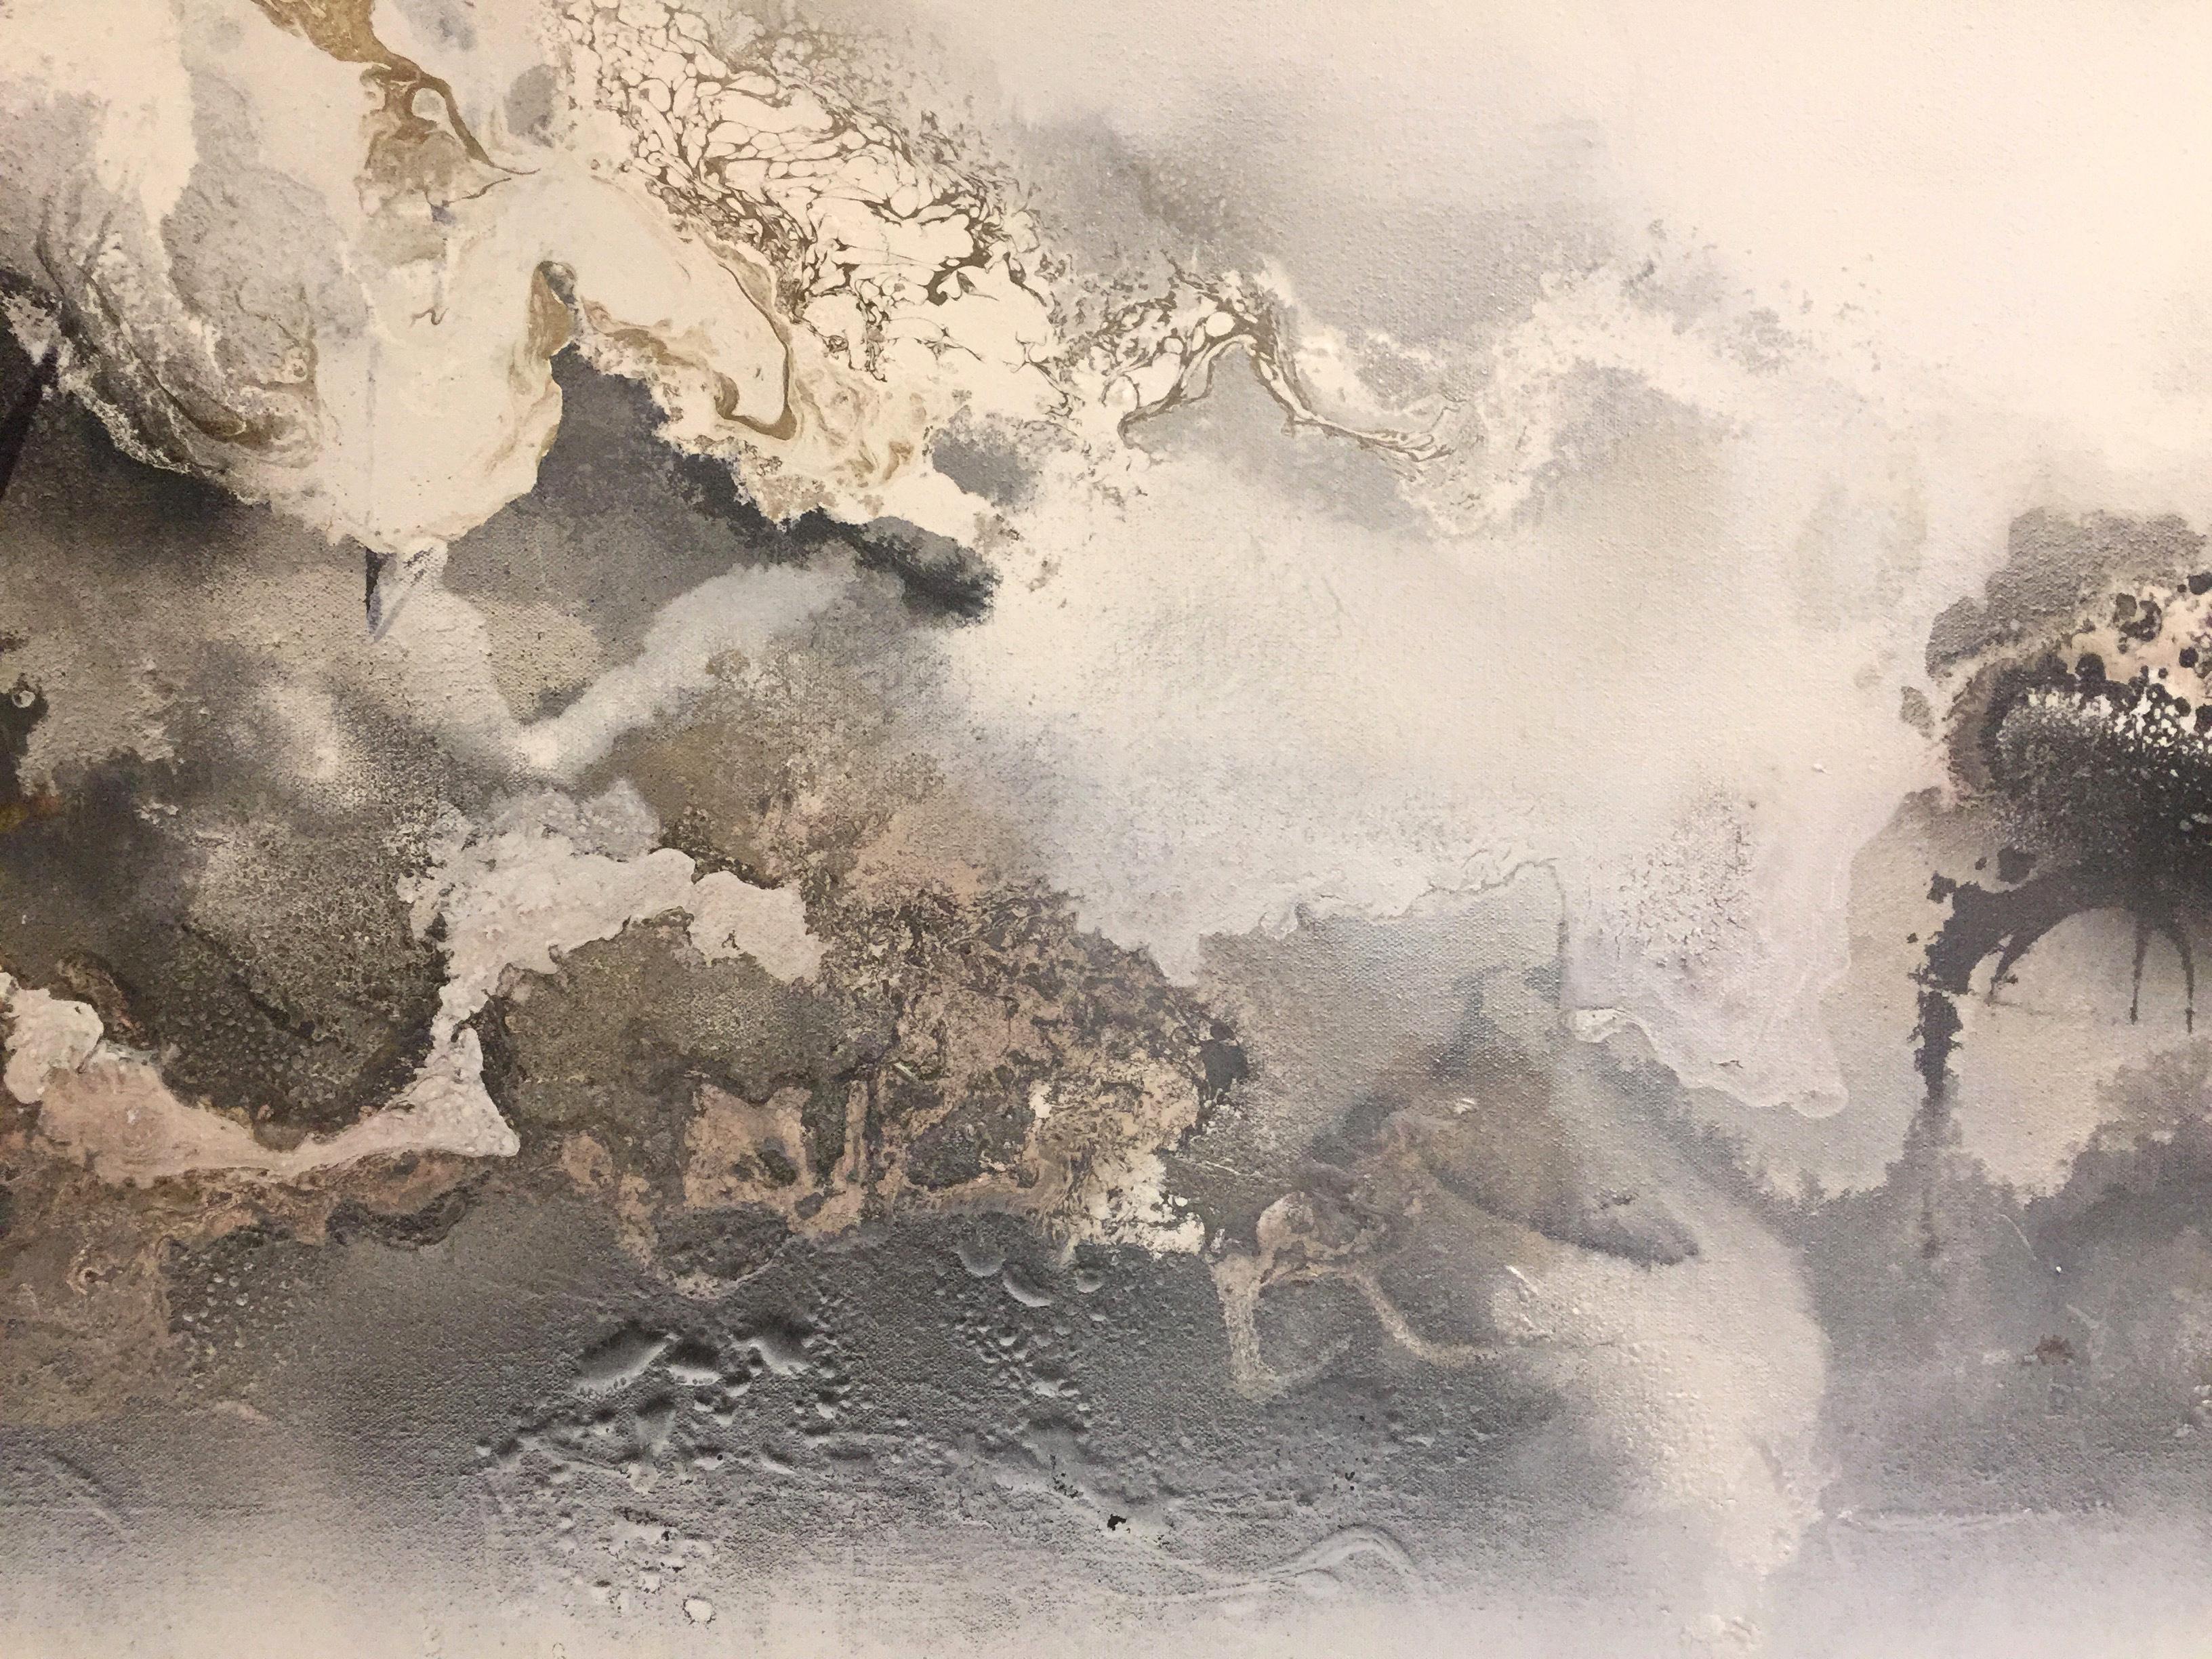 Sous la surface #4 (Close up)